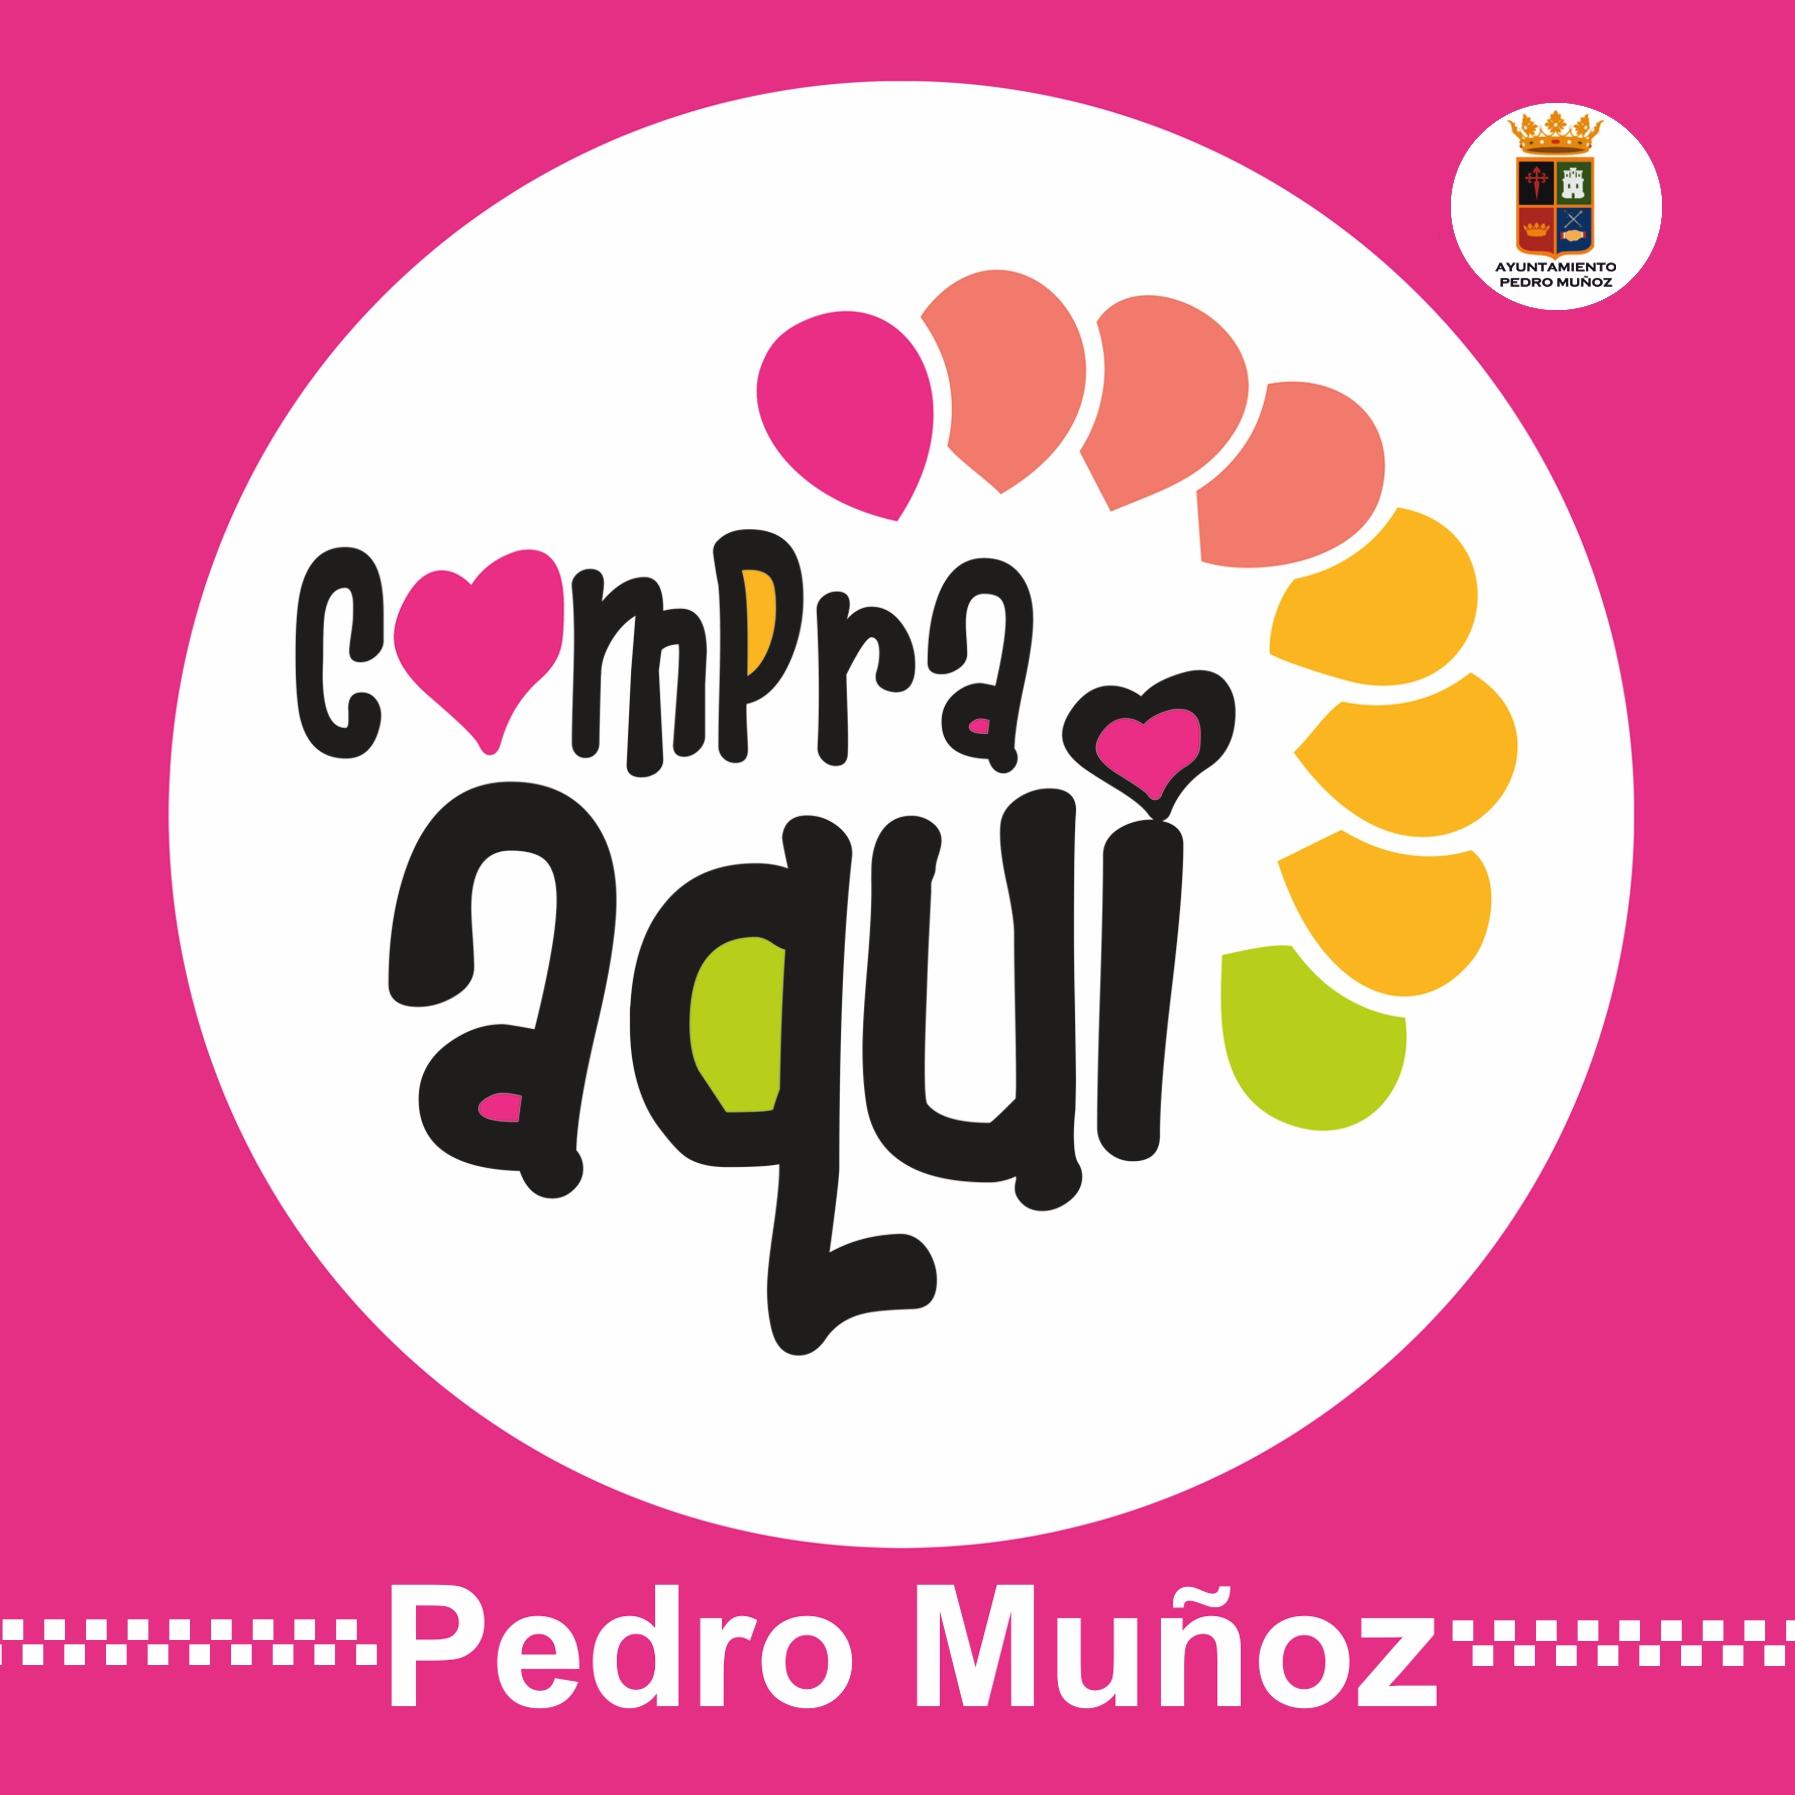 CAMPANA_COMPRA_AQUI